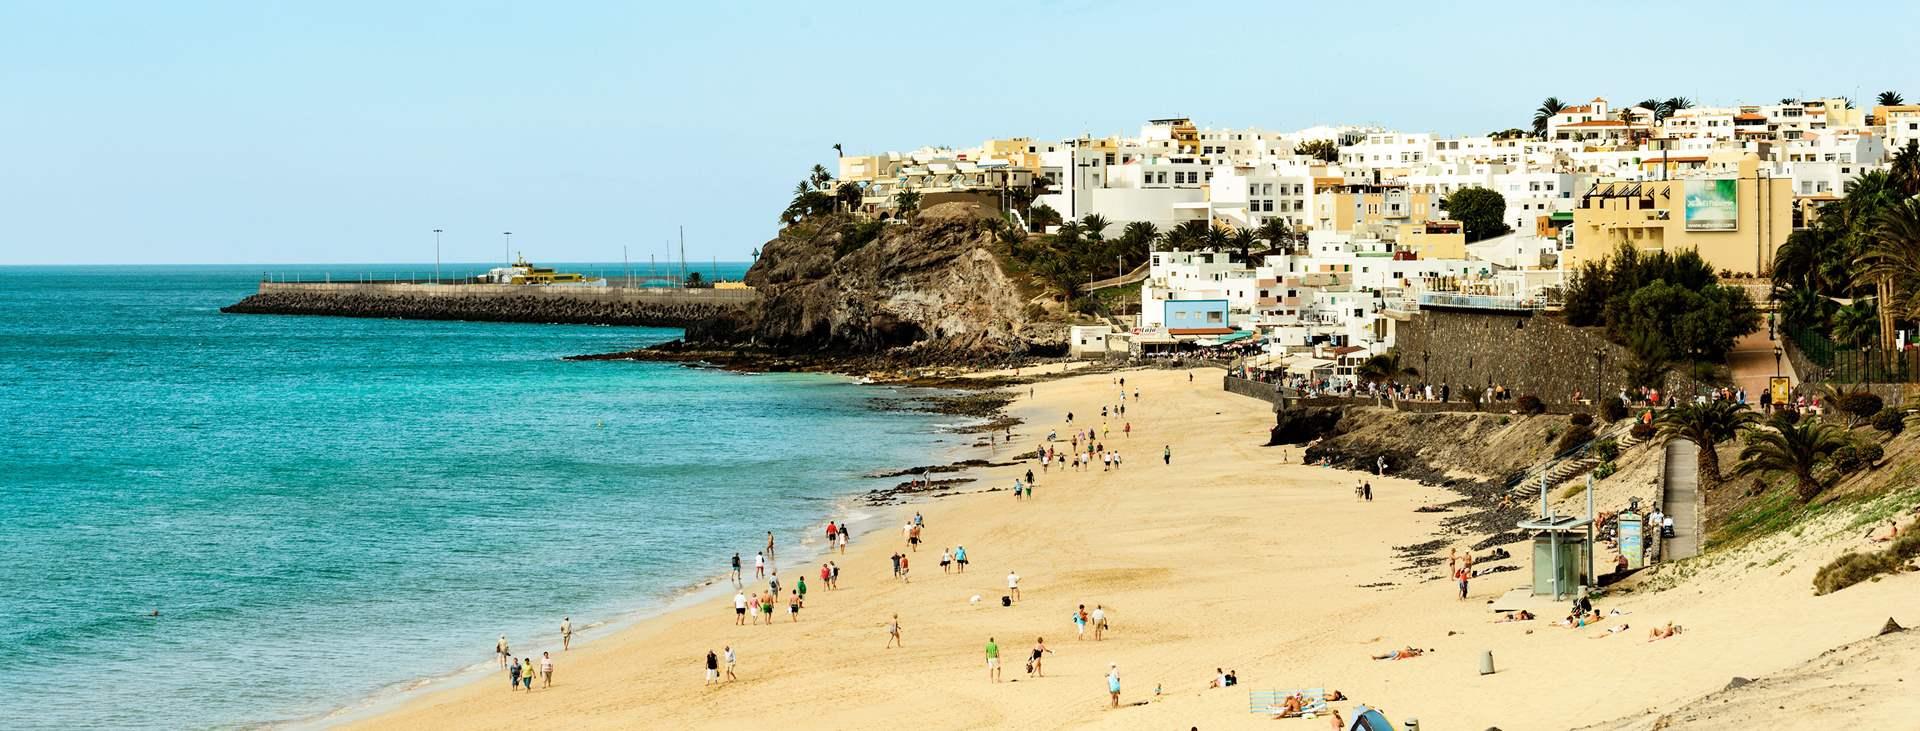 Varaa All Inclusive -hotelli Jandiassa, Fuerteventuralla